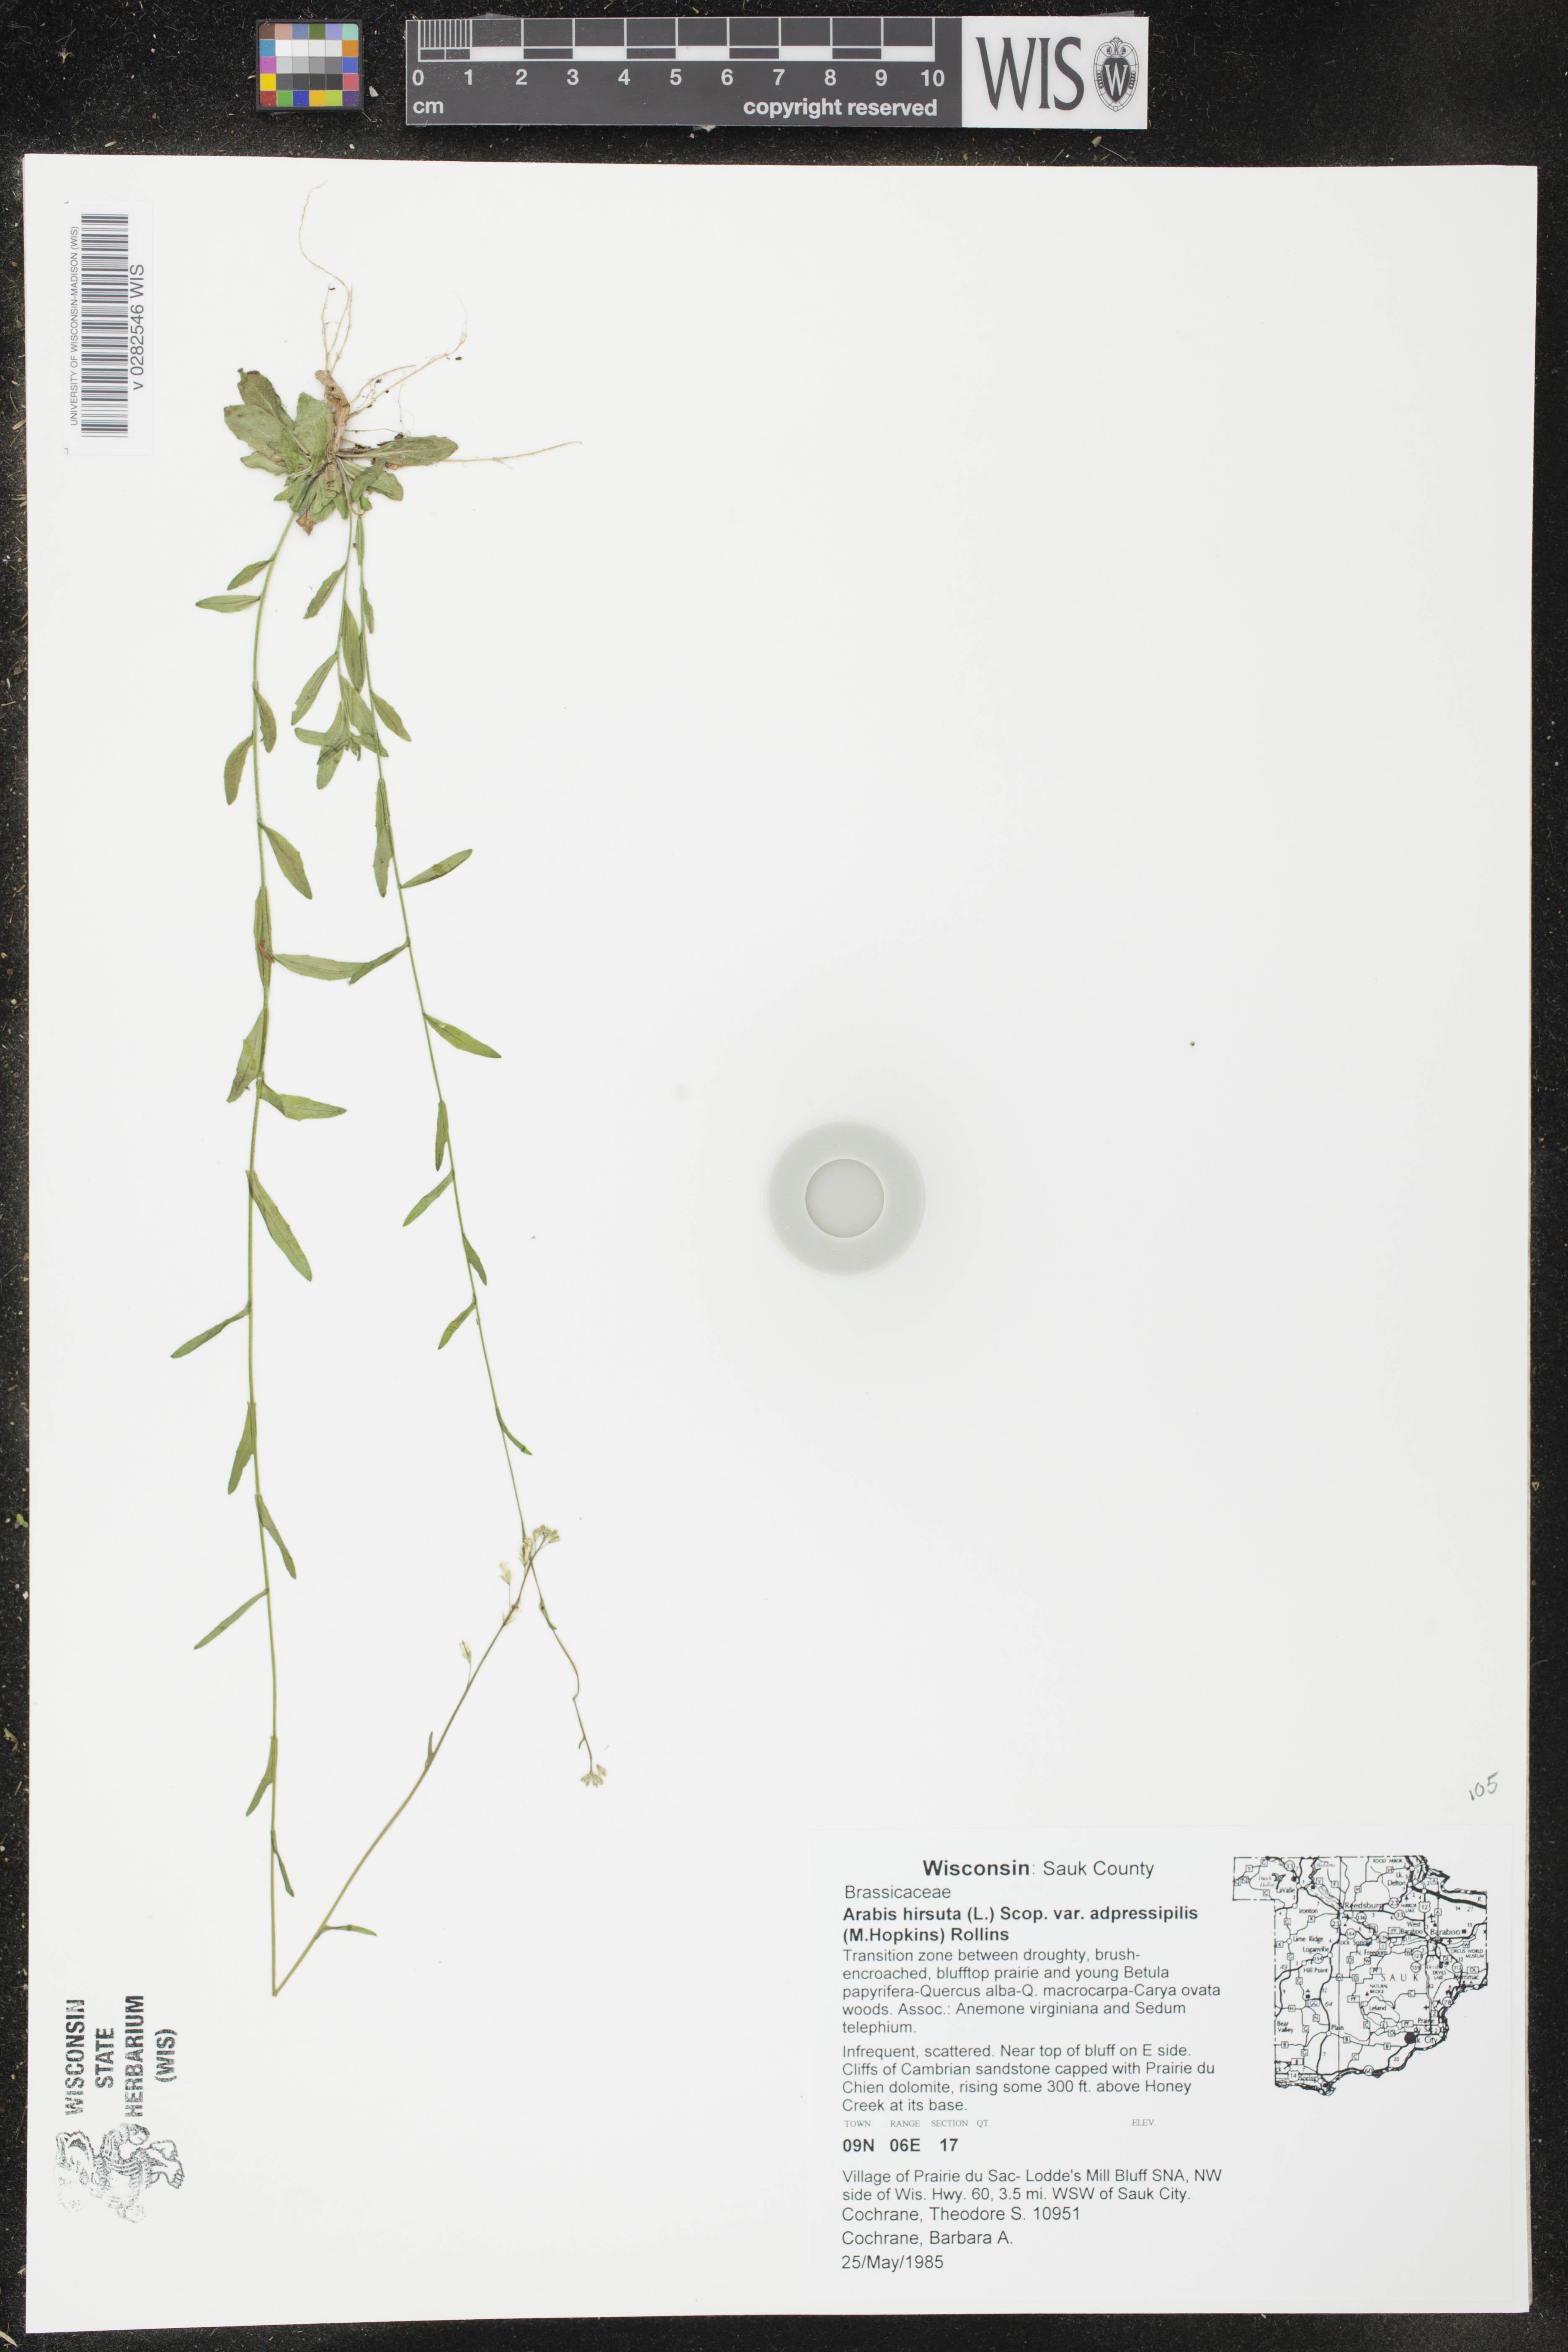 Image of Arabis pycnocarpa var. adpressipilis